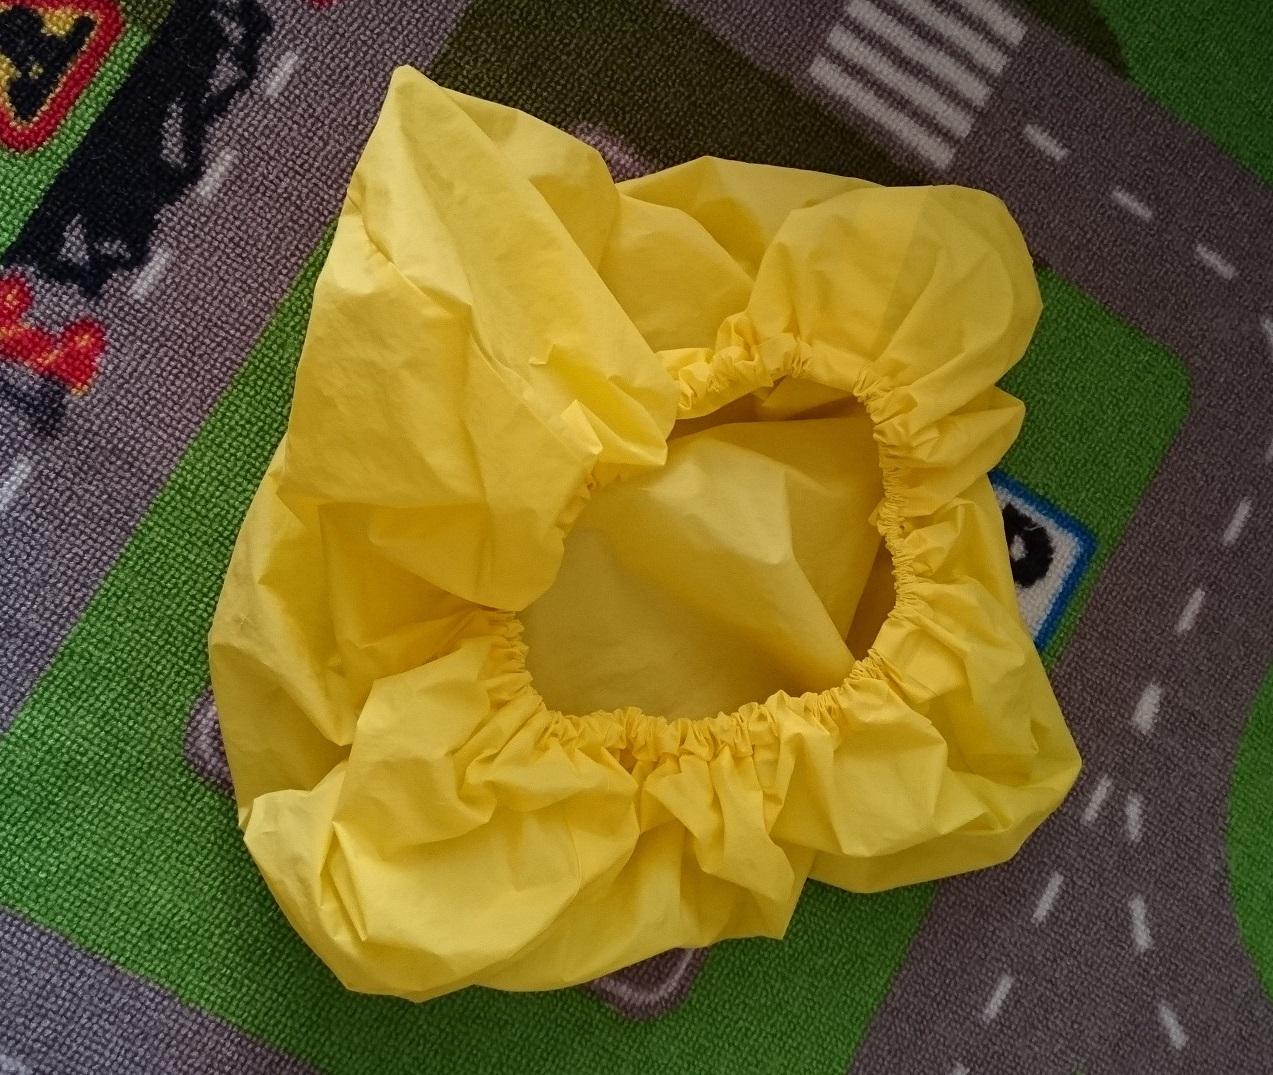 黄色の雨の日用のカバー。かぶせるだけで簡単です